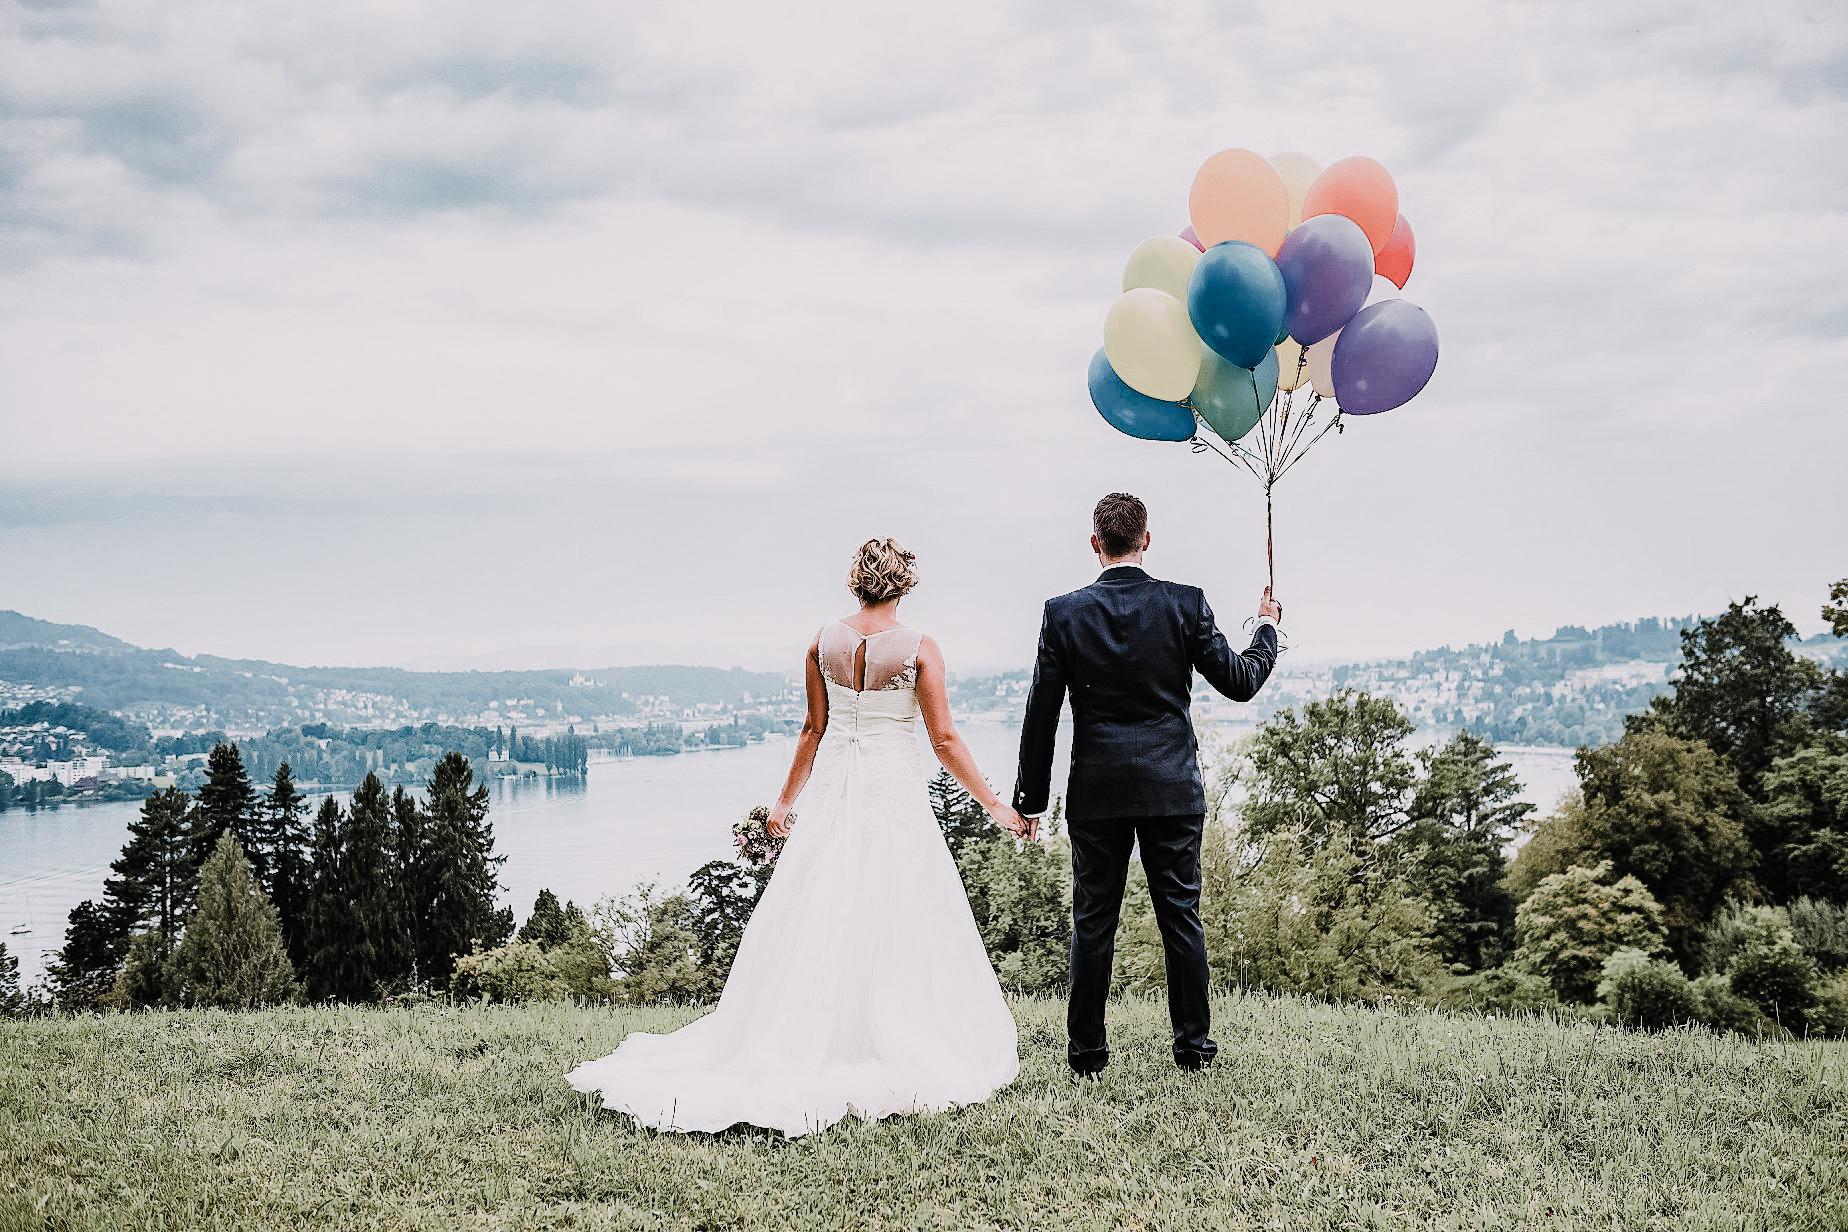 Paare kennenlernen schweiz Paare Finden Onex, Singleparty Schweiz Riehen